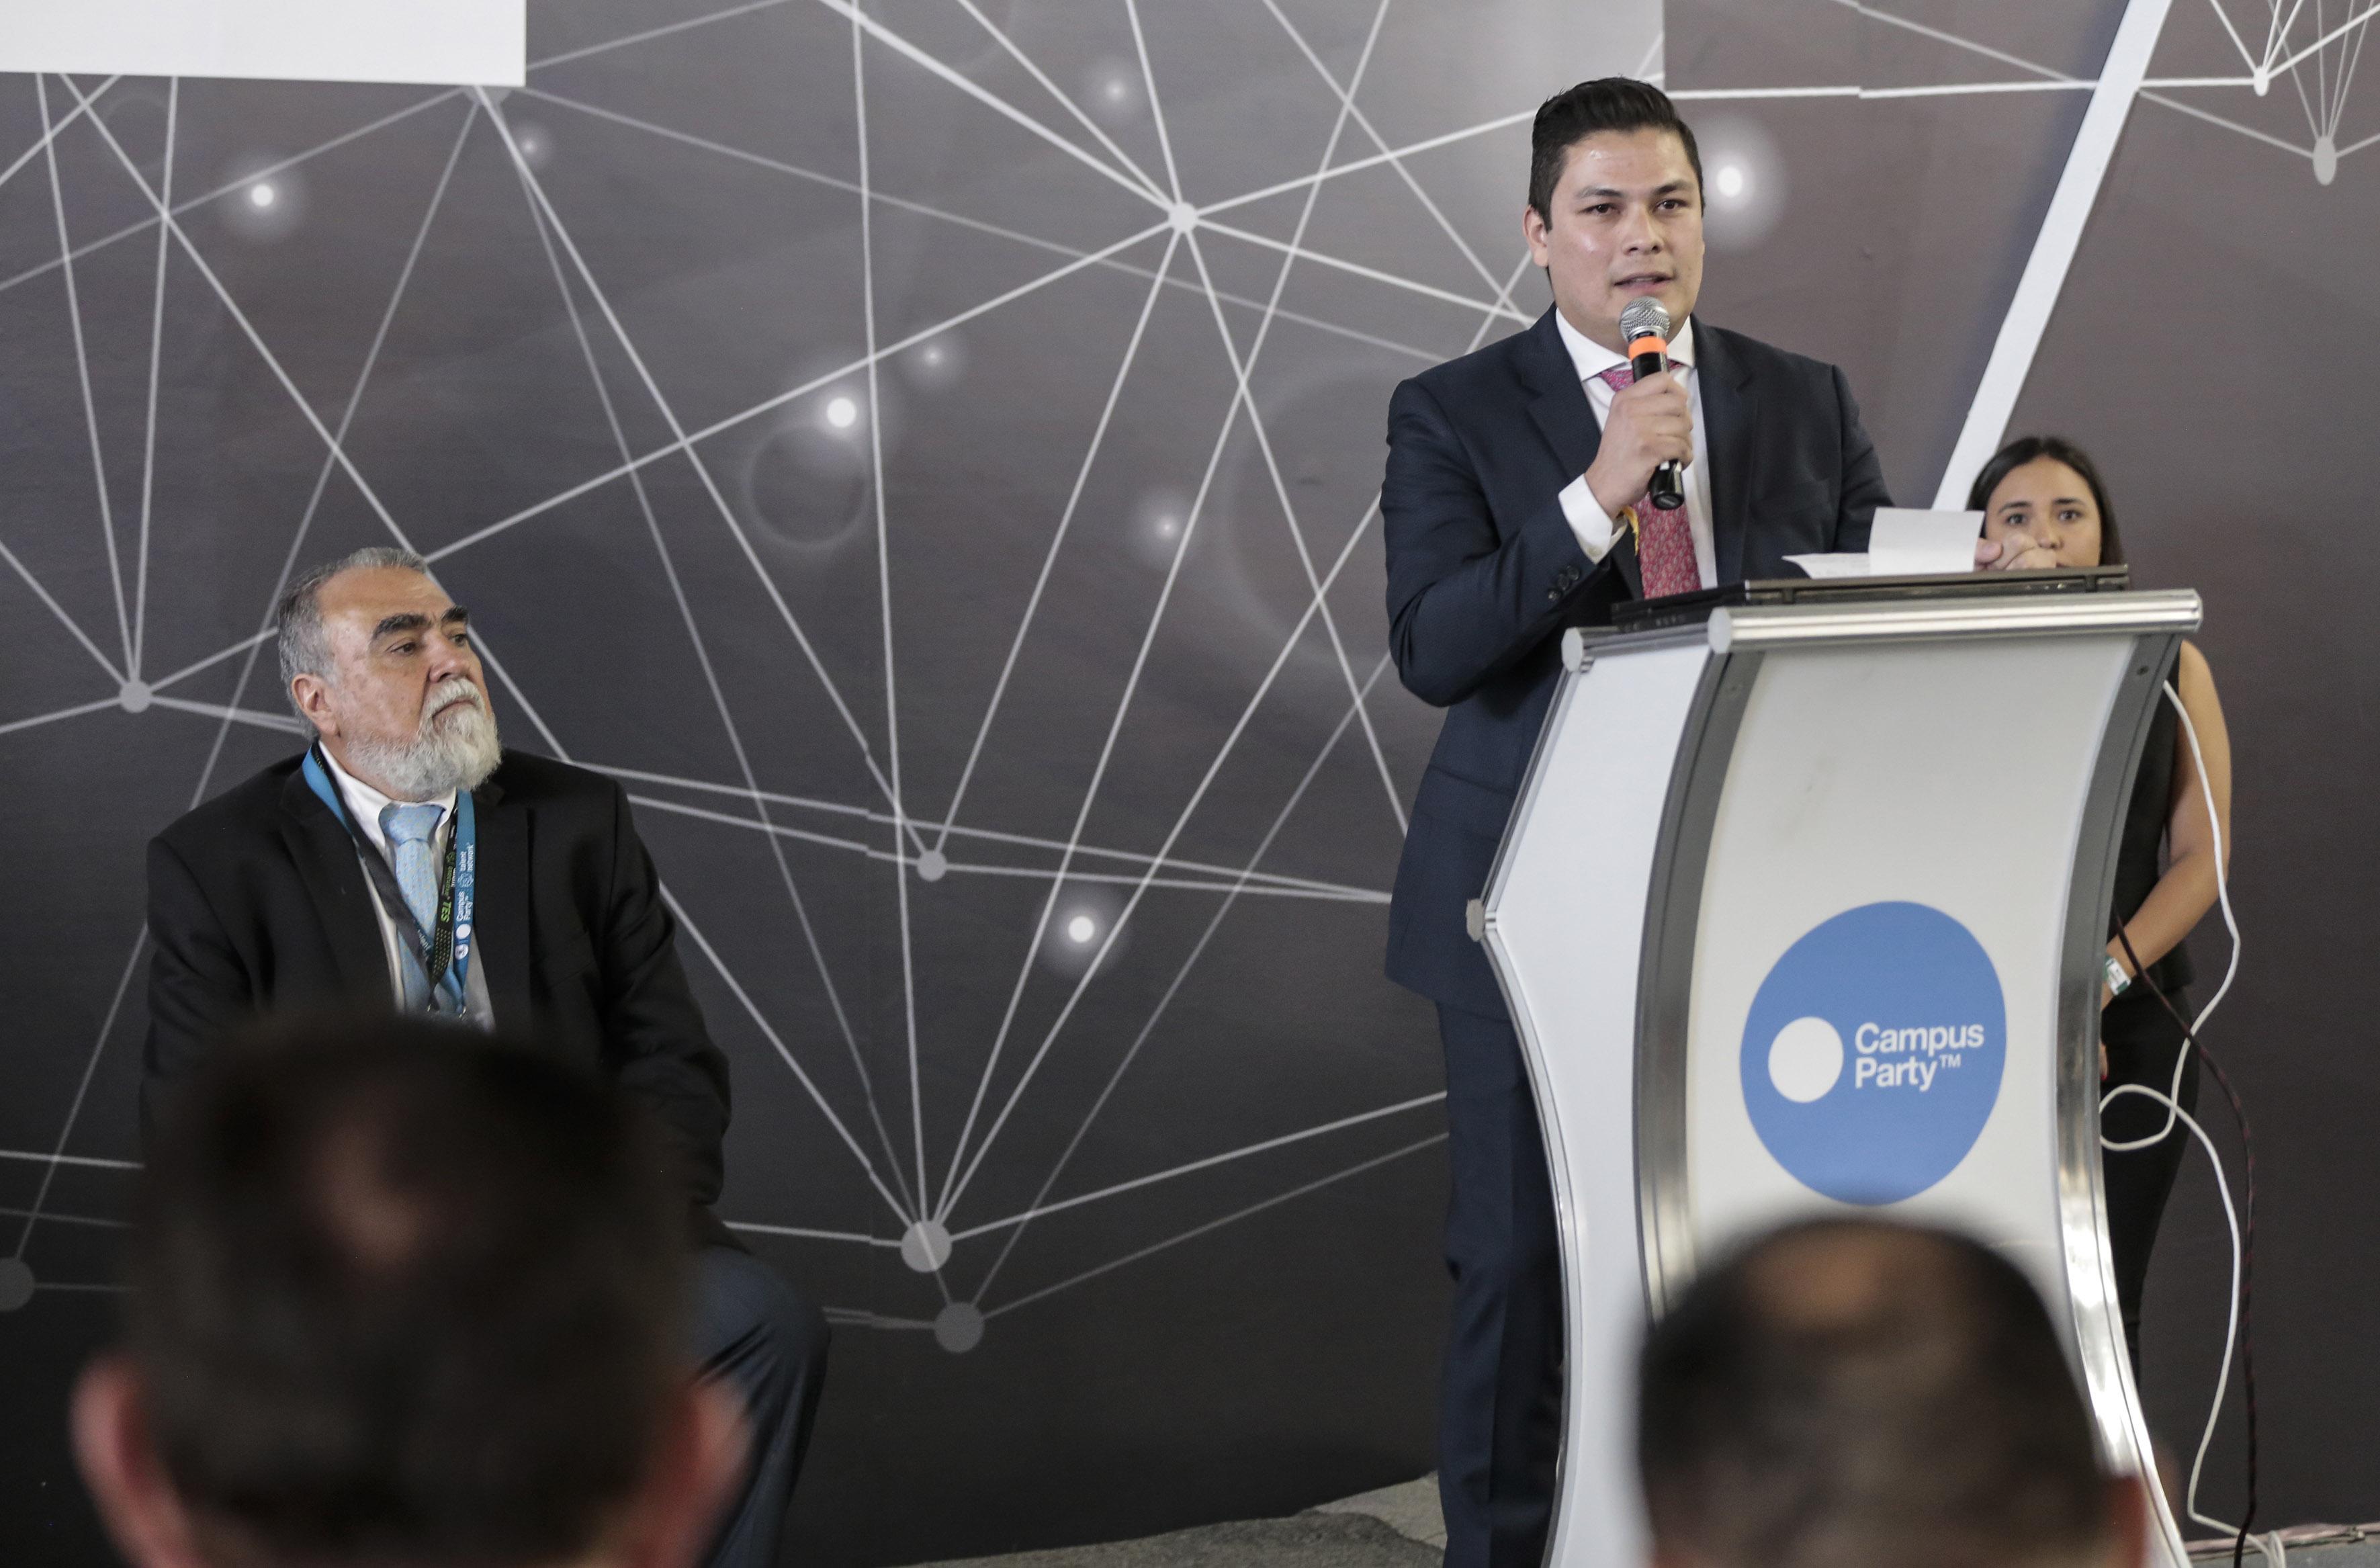 Ing. José Alfonso Fonseca García, Director General de Innovación y Gobierno Digital, en podium del evento y con micrófono en mano, haciendo uso de la palabra.